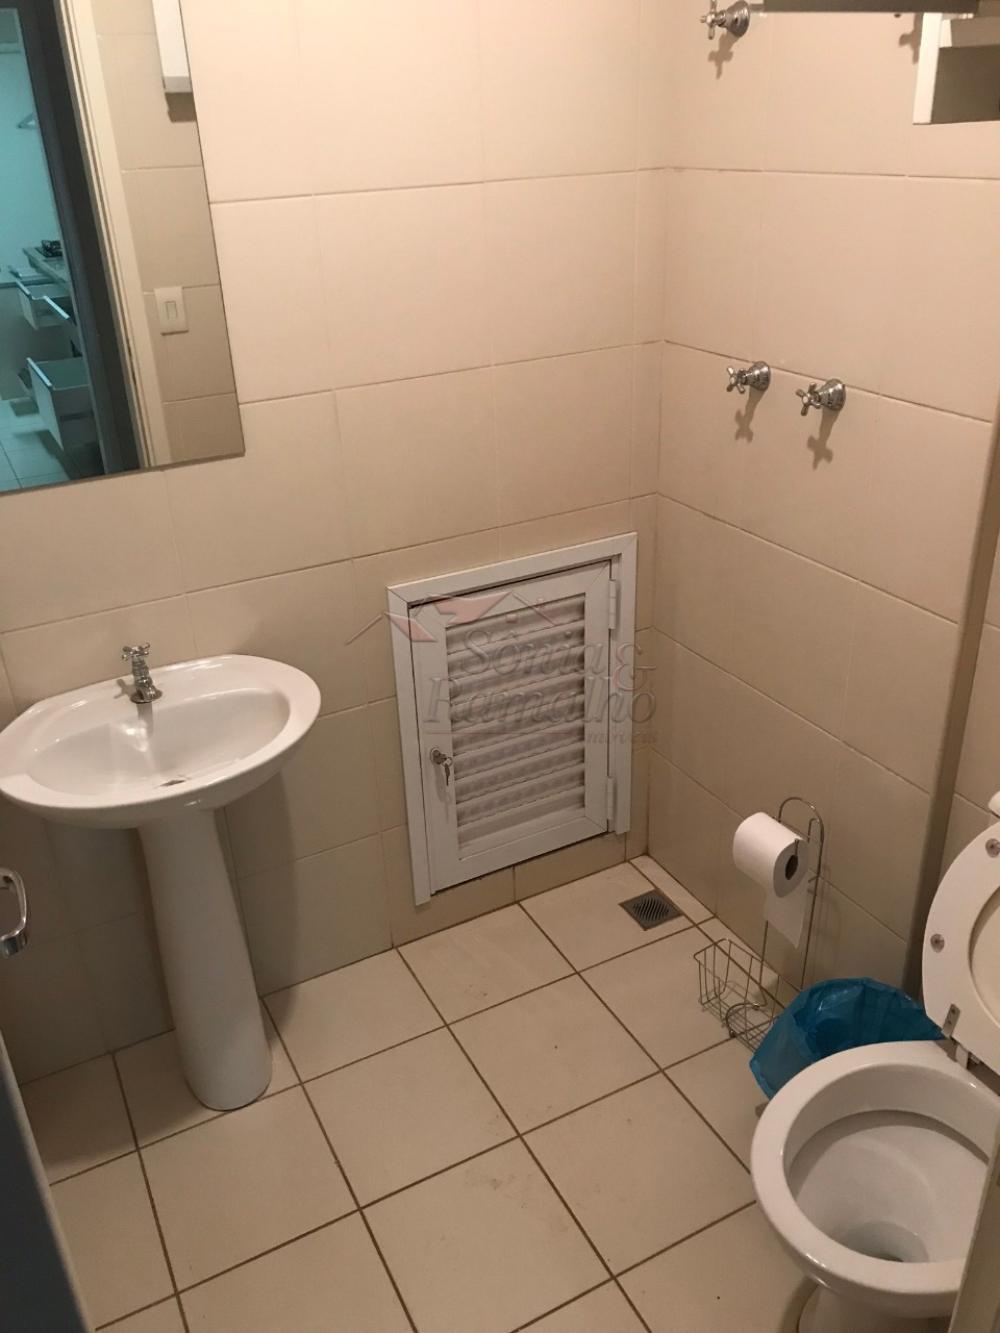 Comprar Apartamentos / Padrão em Ribeirão Preto apenas R$ 636.000,00 - Foto 7